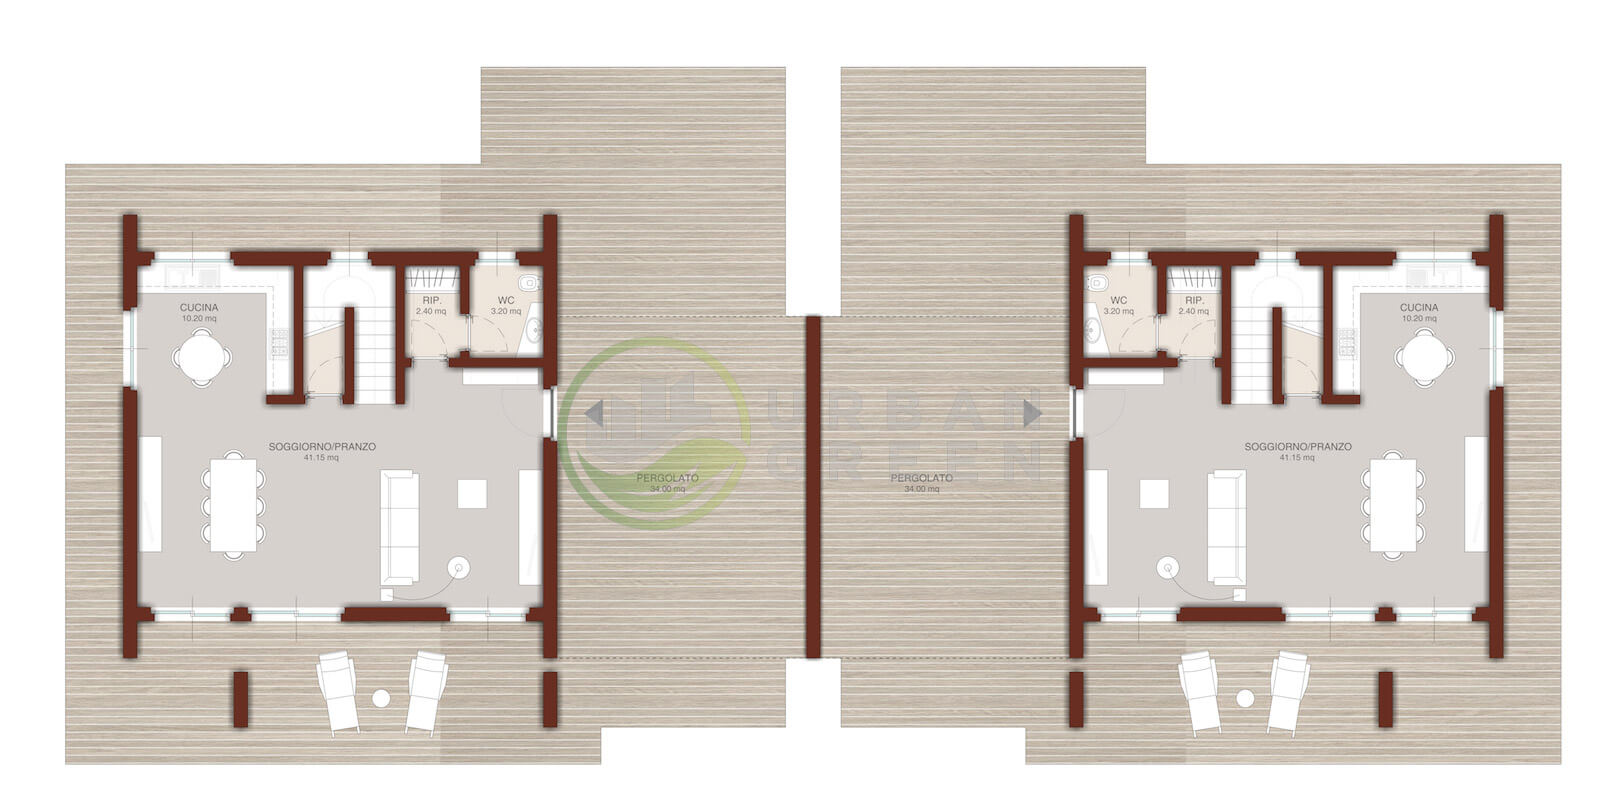 Casa in legno urb planimetria casa in legno bifamiliare for Planimetrie della casa minimalista